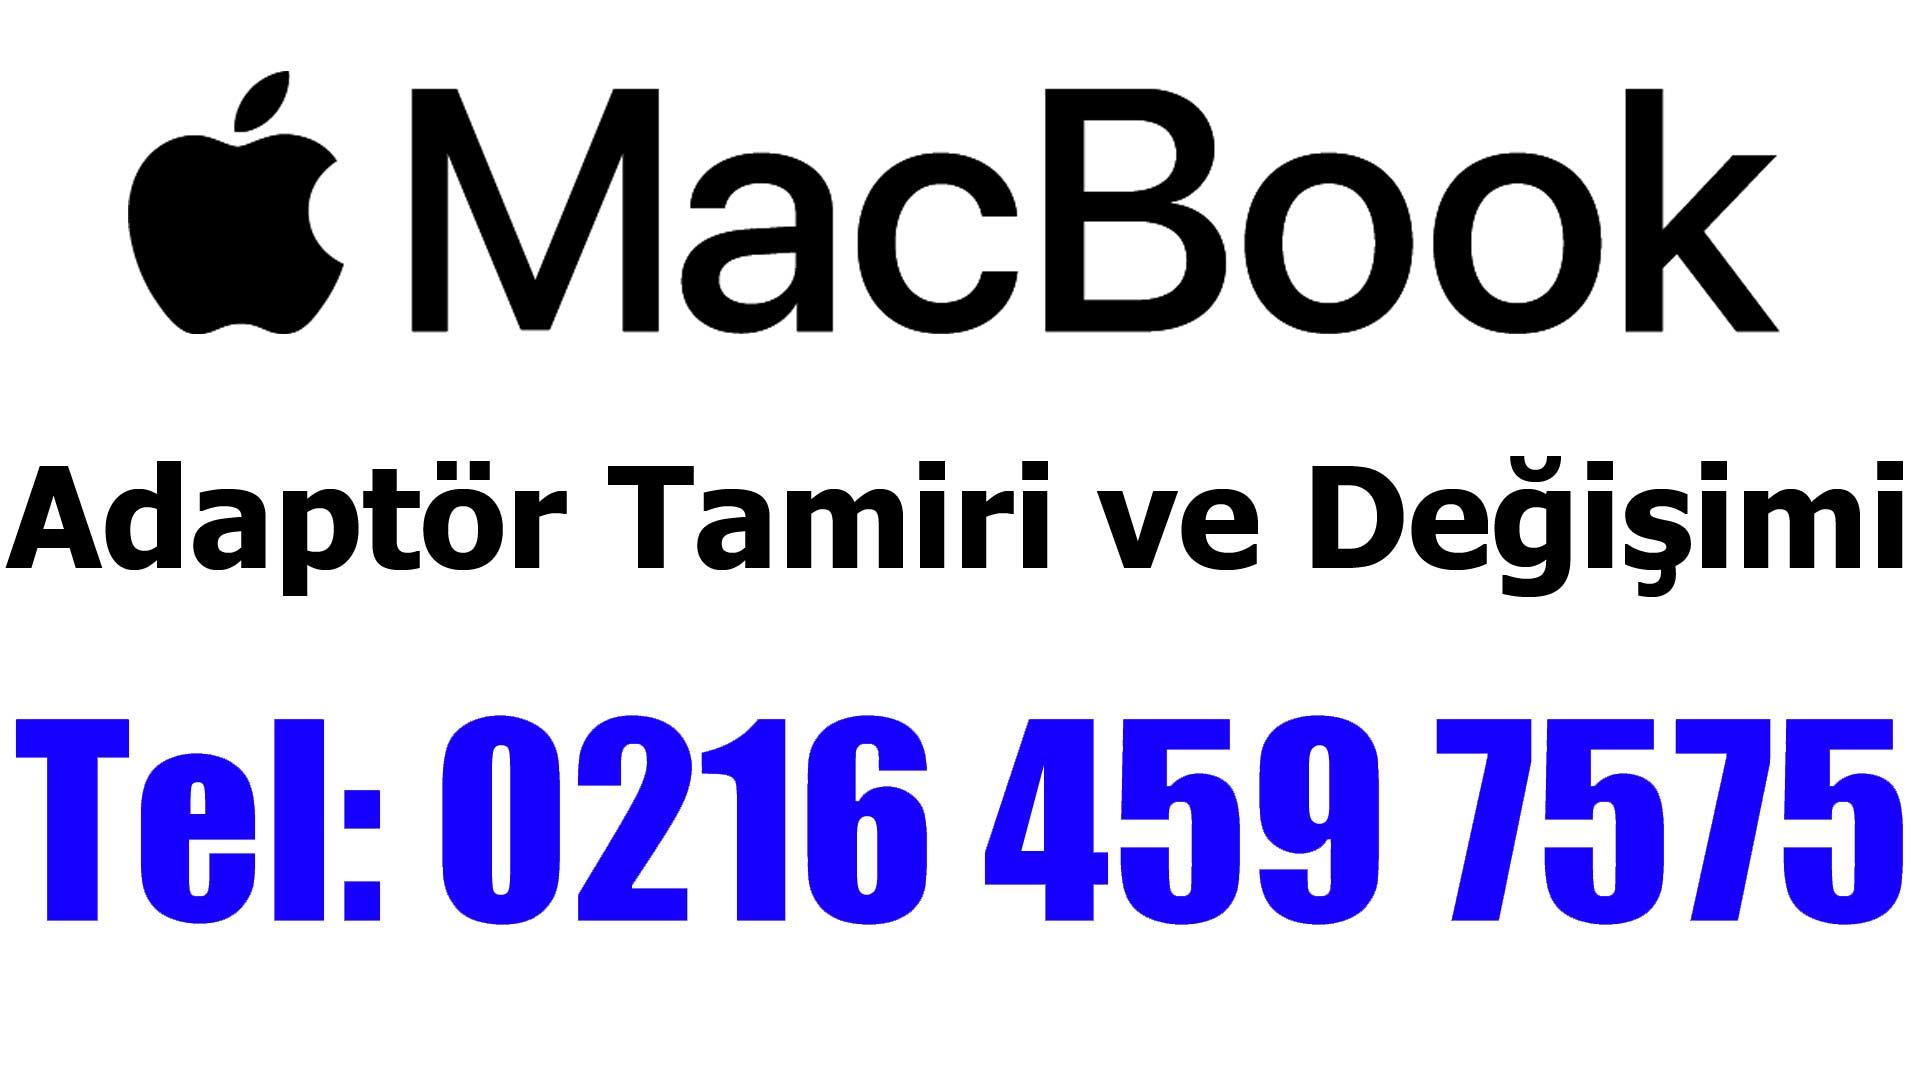 Macbook Adaptör Tamiri ve Değişimi